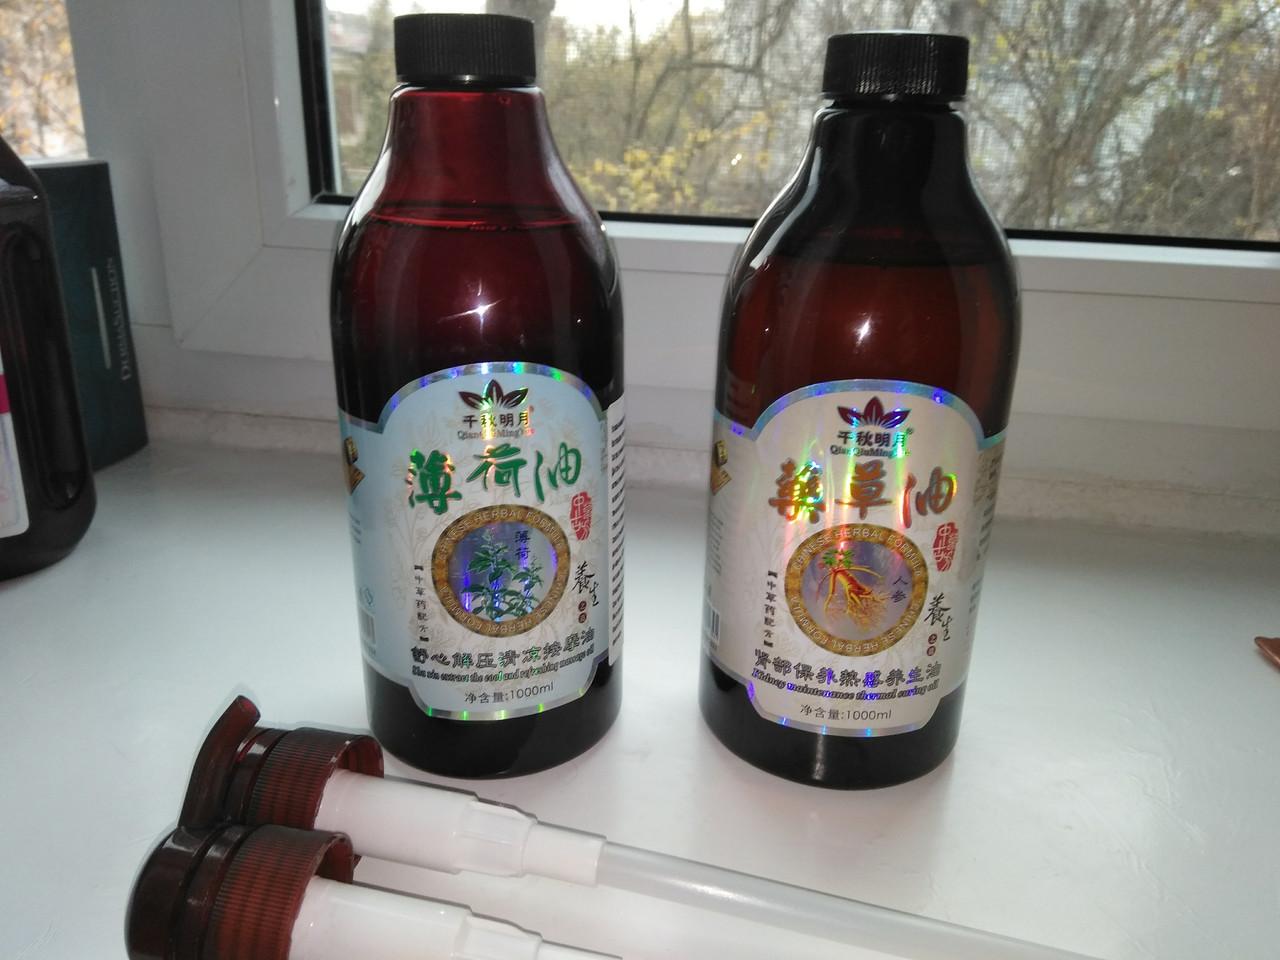 Масажне масло релакс Антистрес Масажне масло релакс Антистрес М'ятна олія